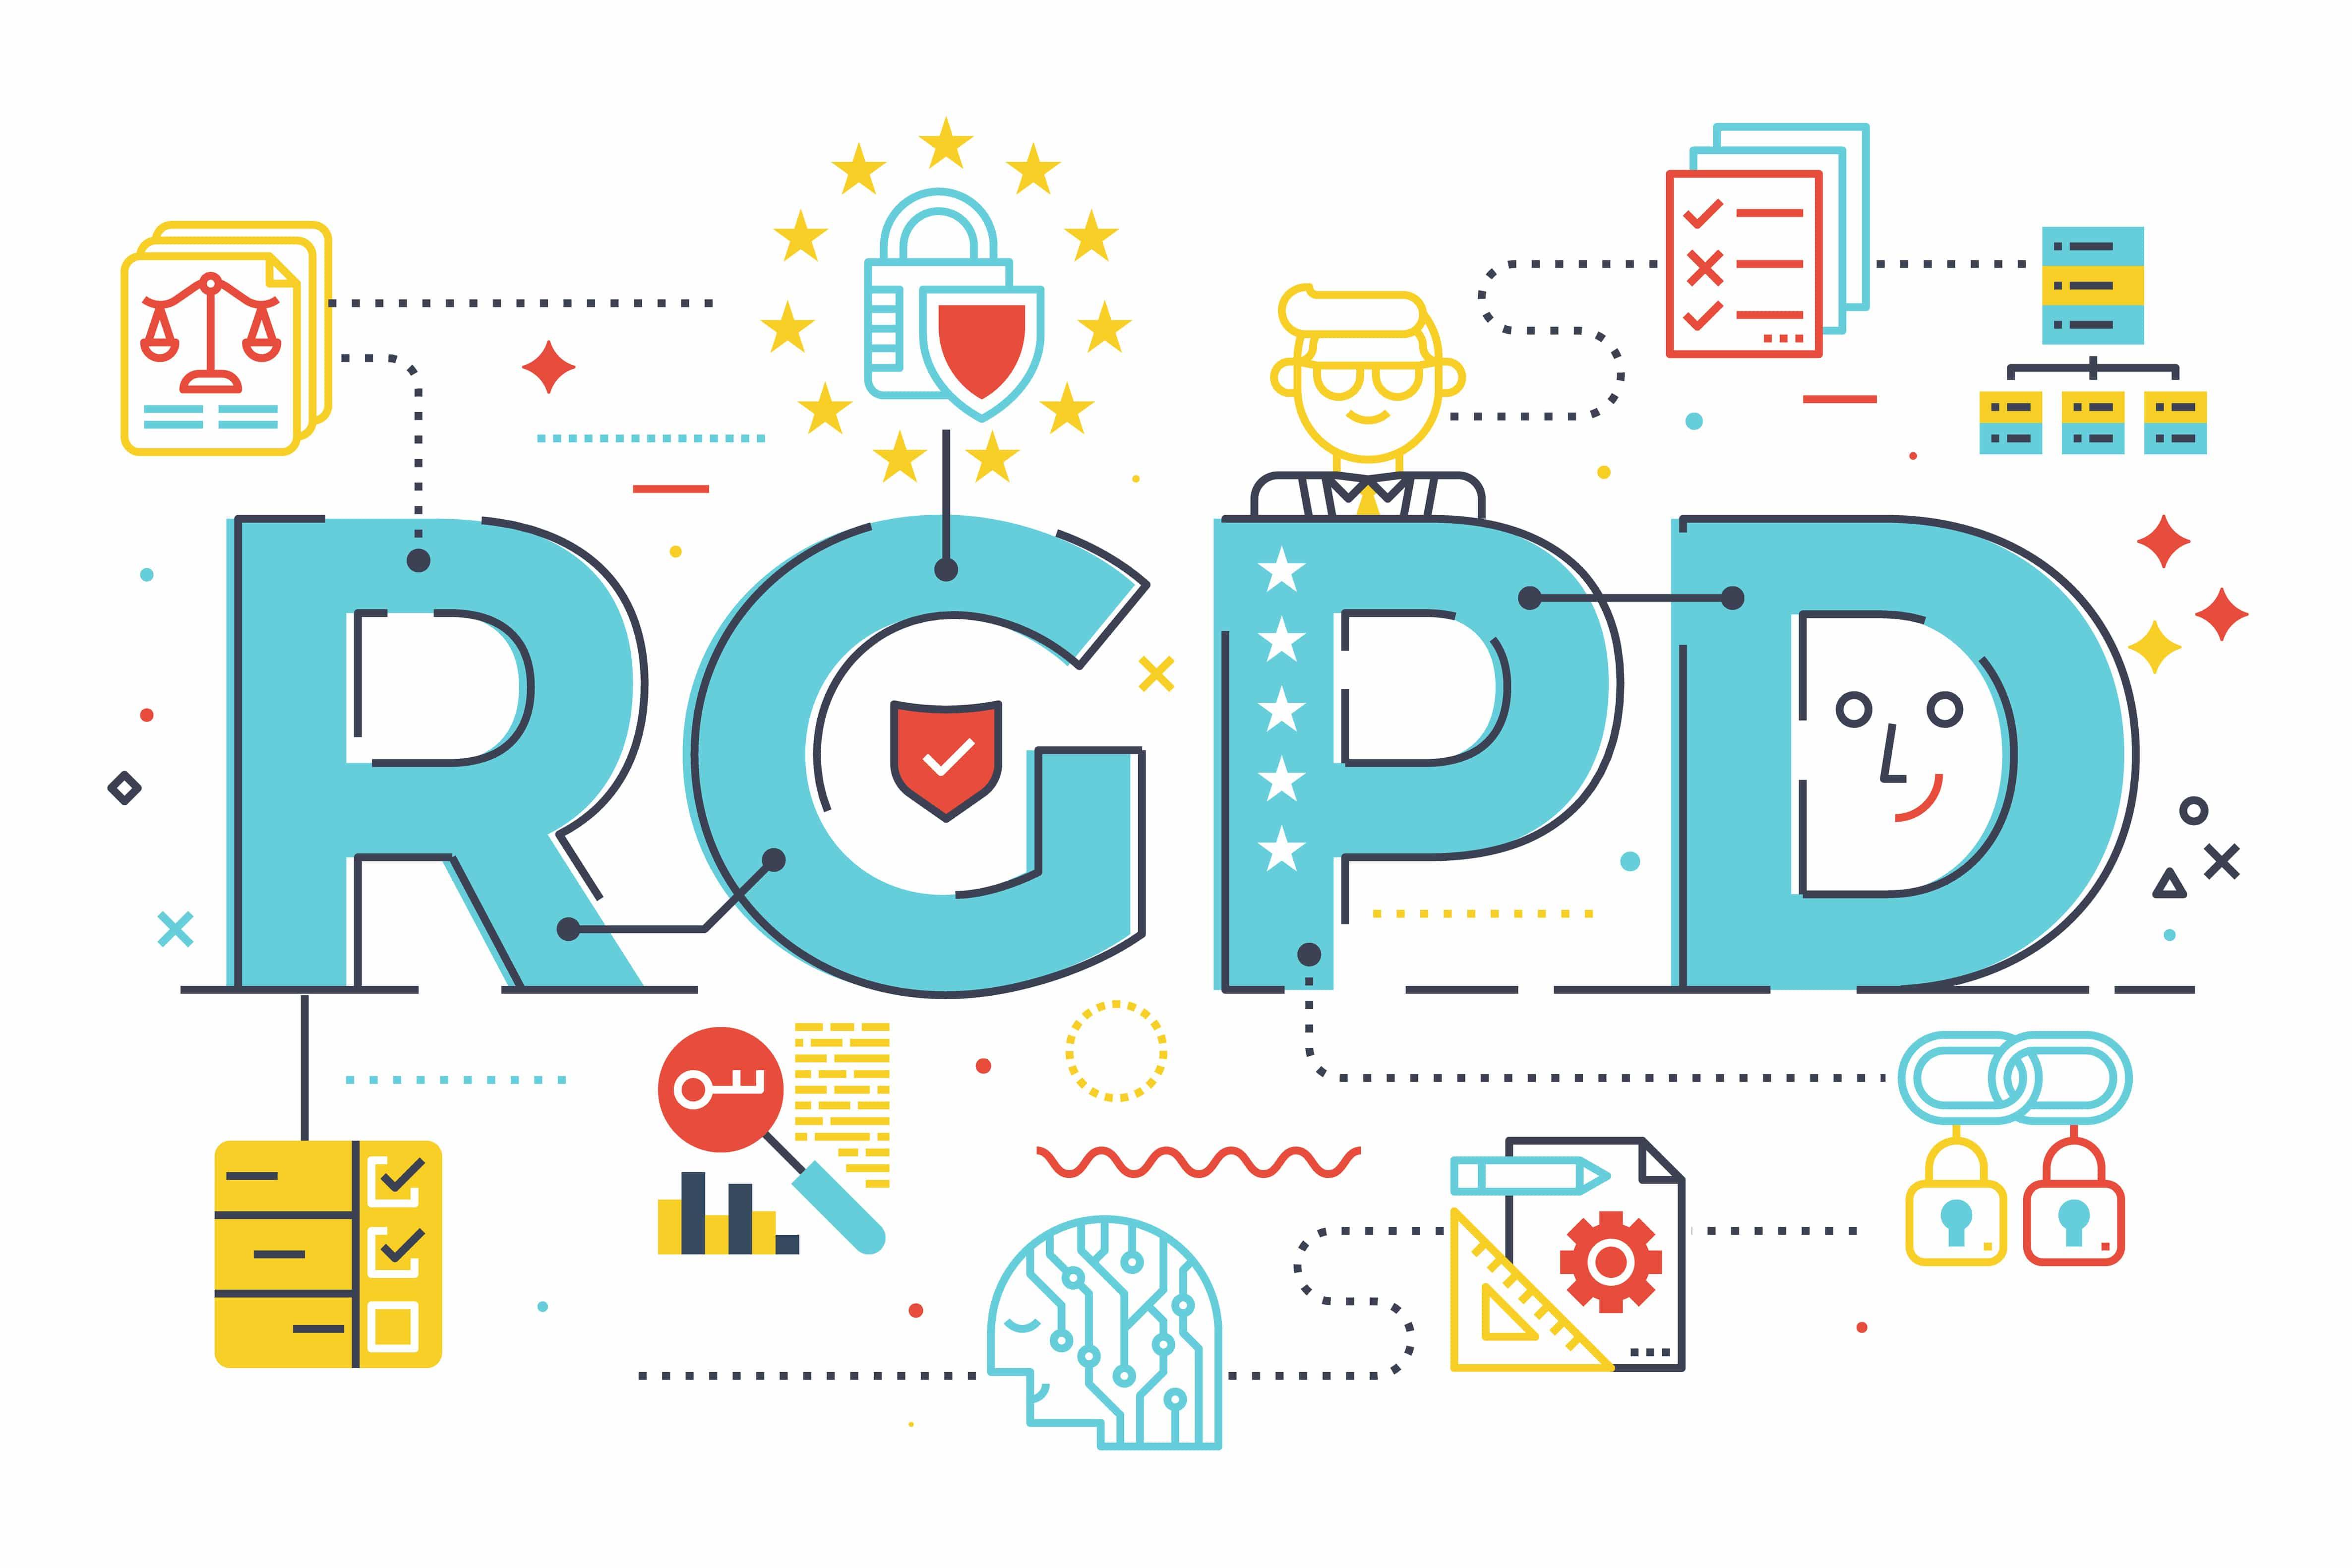 Le DPO RGPD pour faciliter le quotidien de chacun.